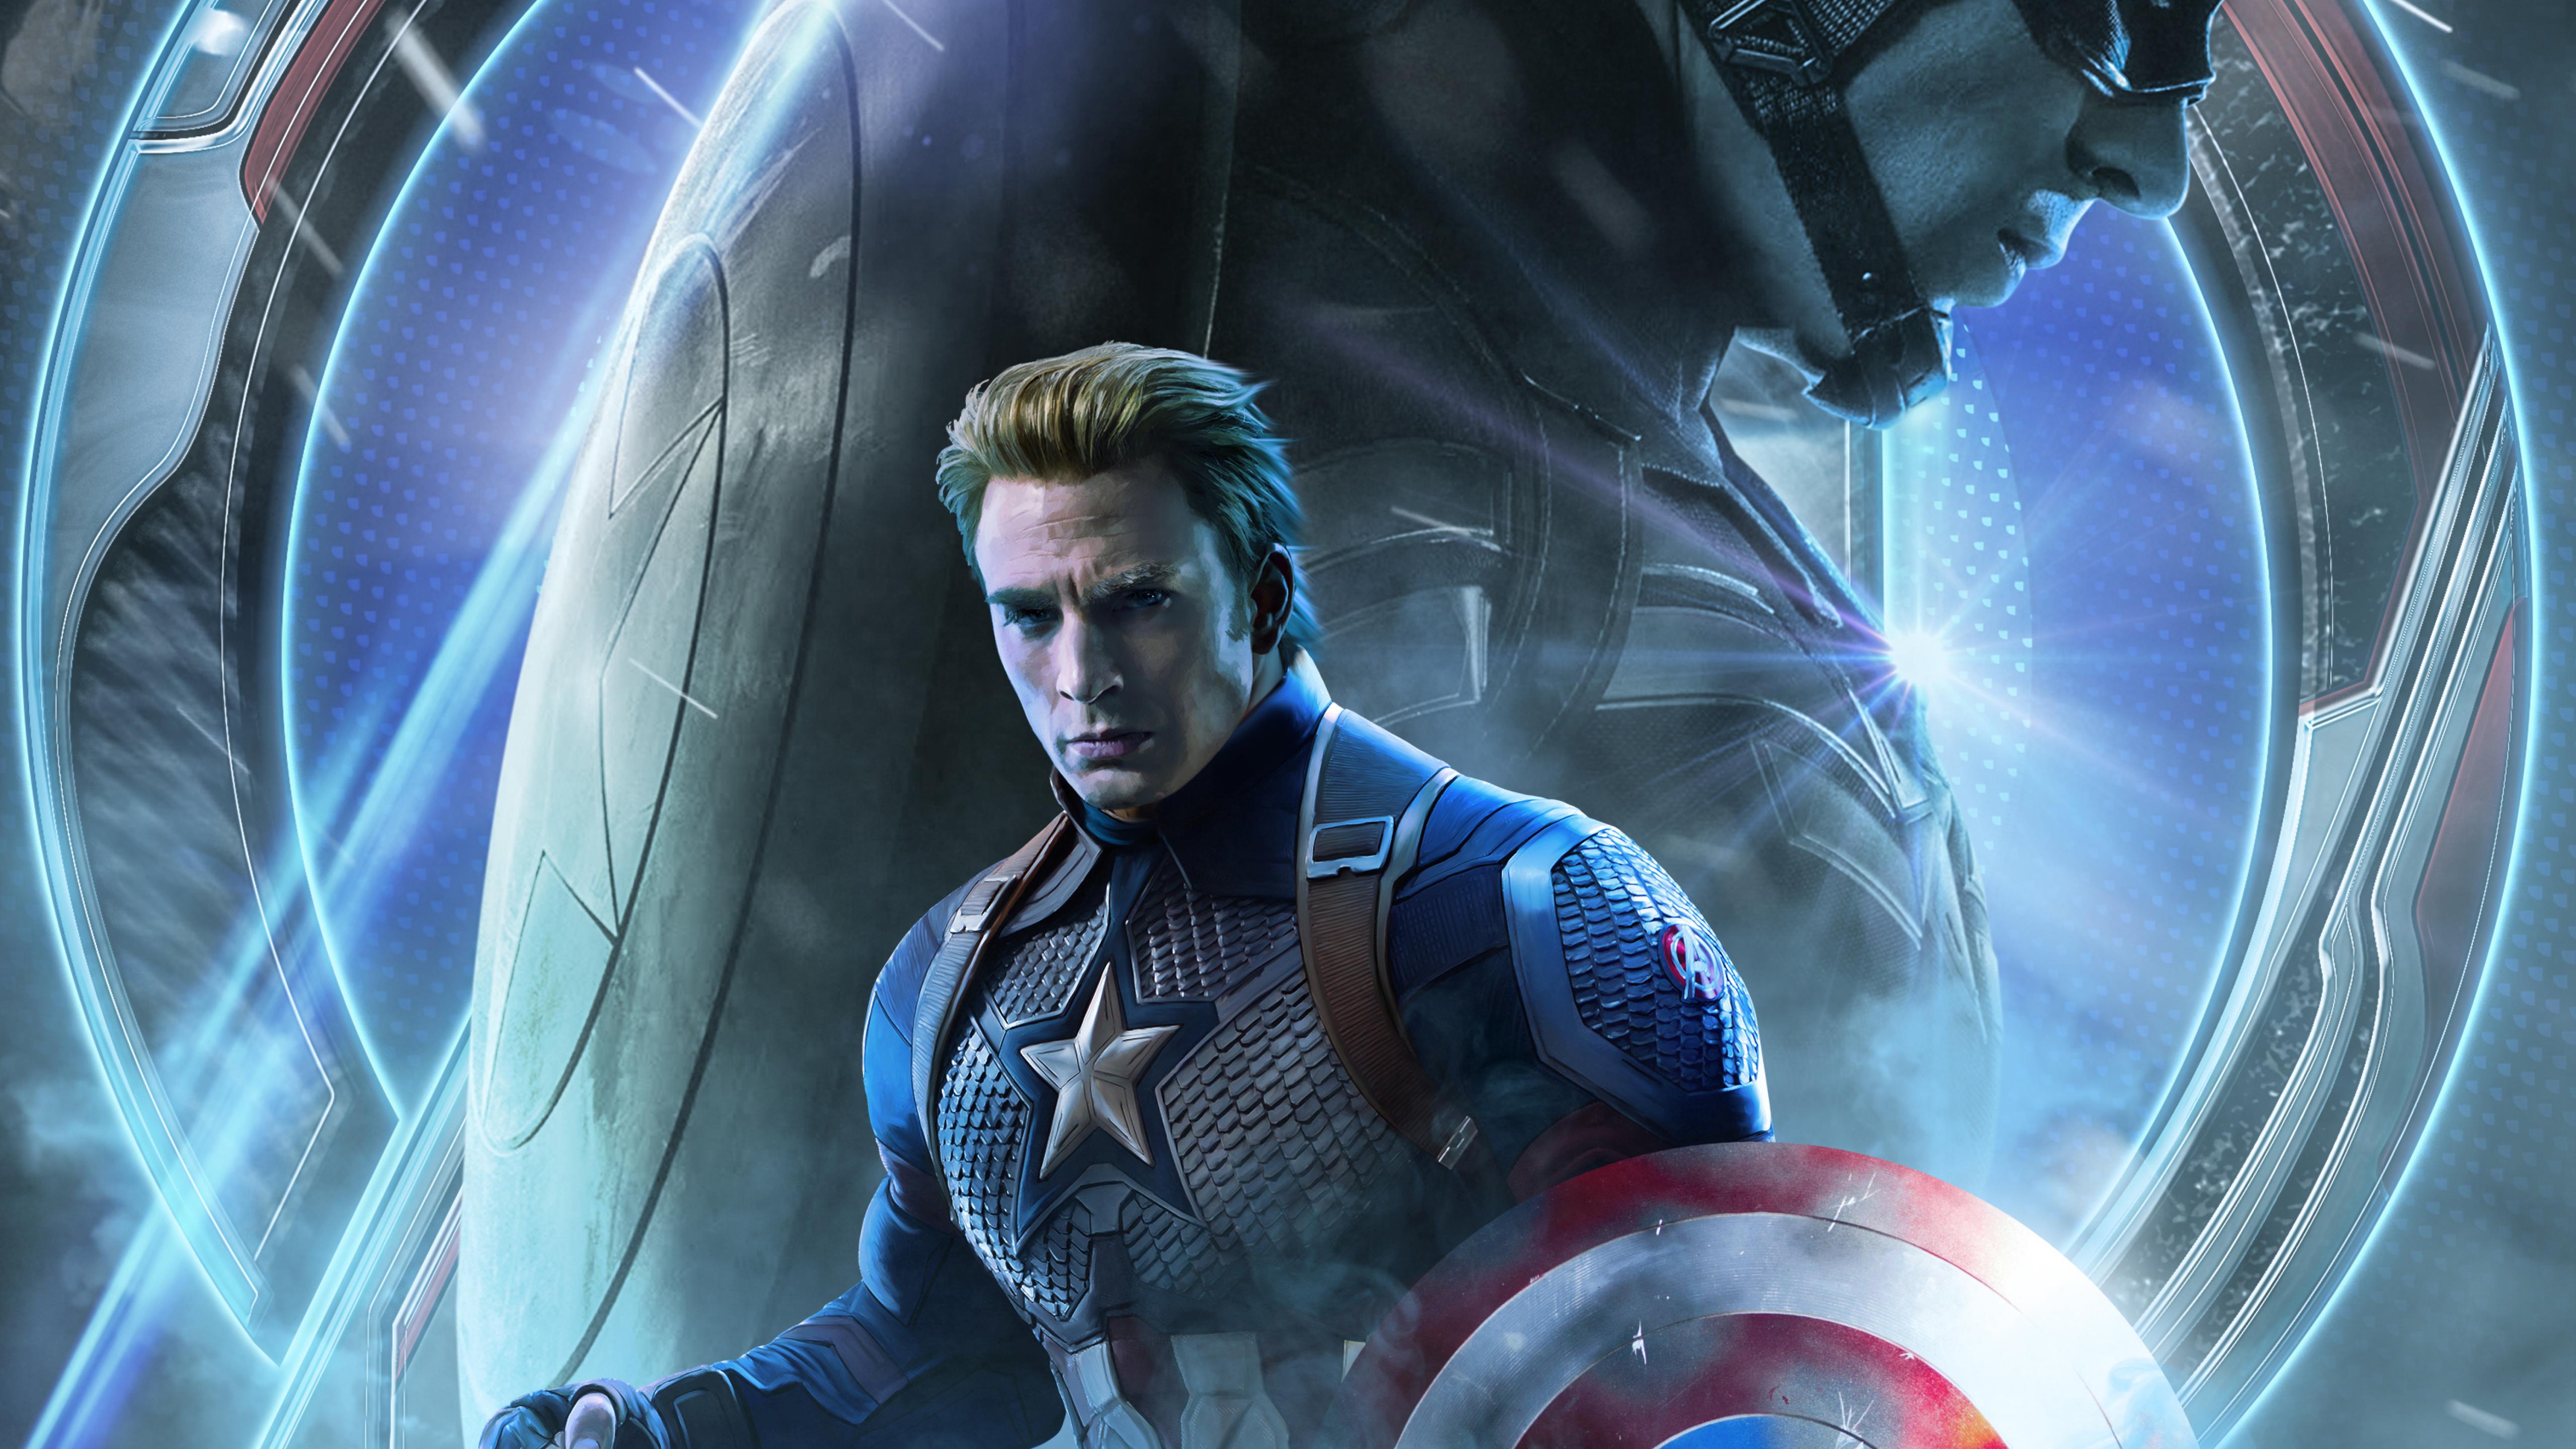 5120x2880 Avengers Endgame Captain America Poster Art 5K ...